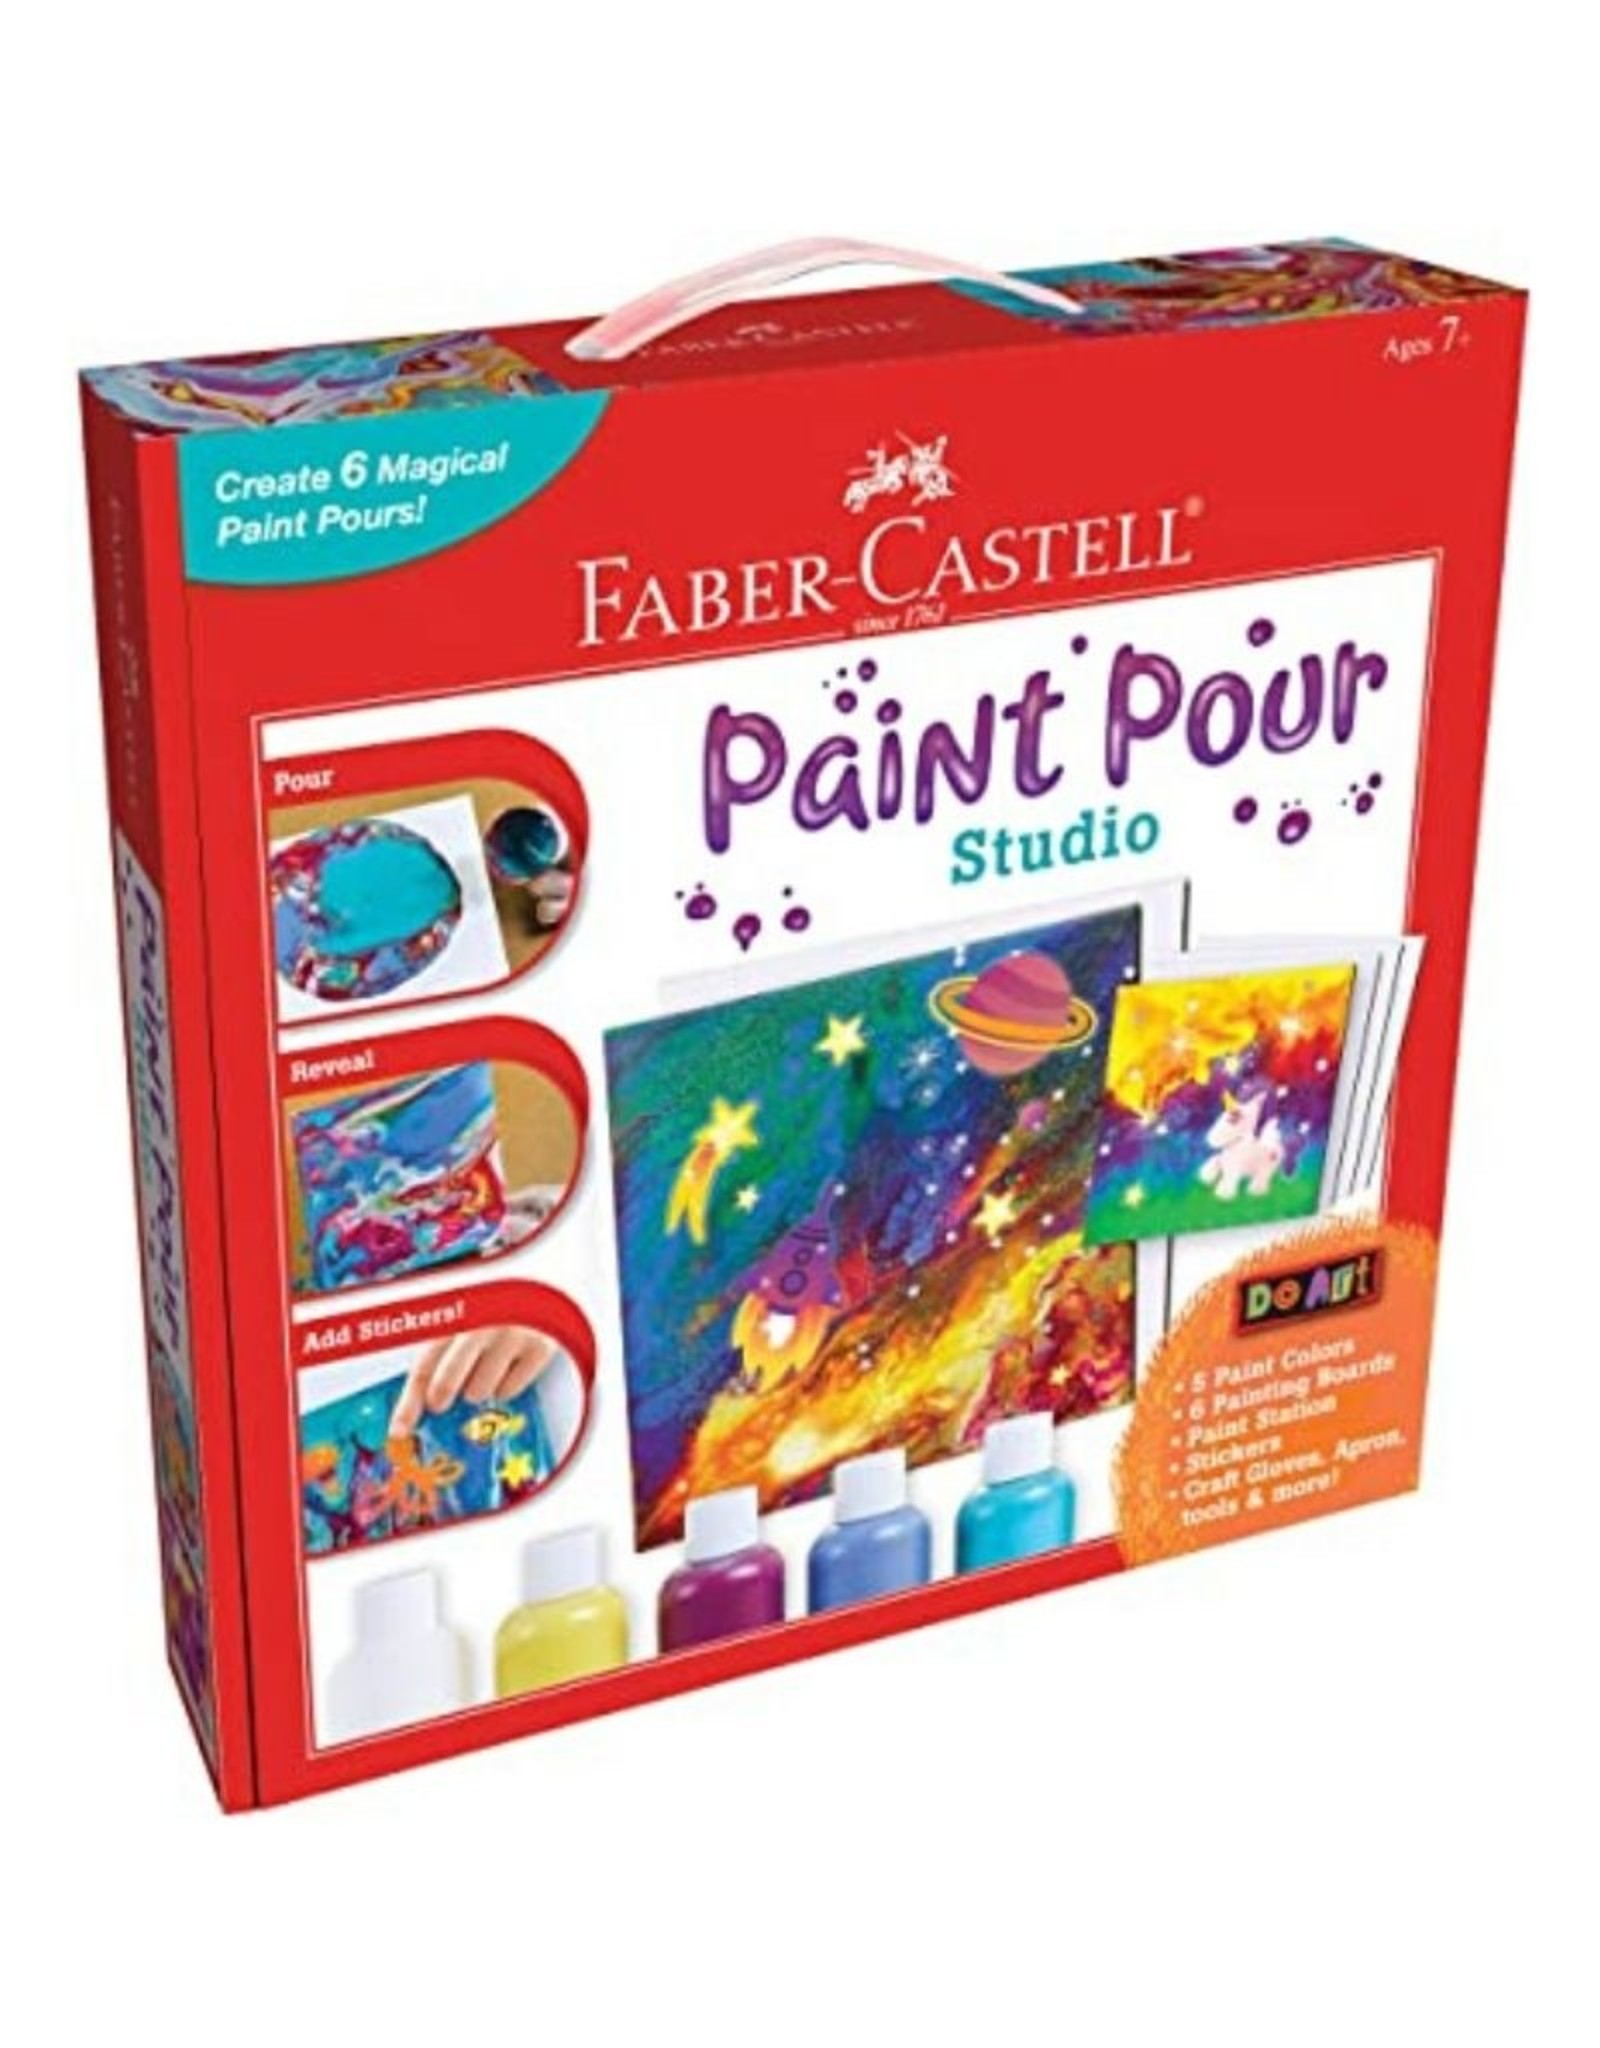 Faber-Castell Paint Pour Studio